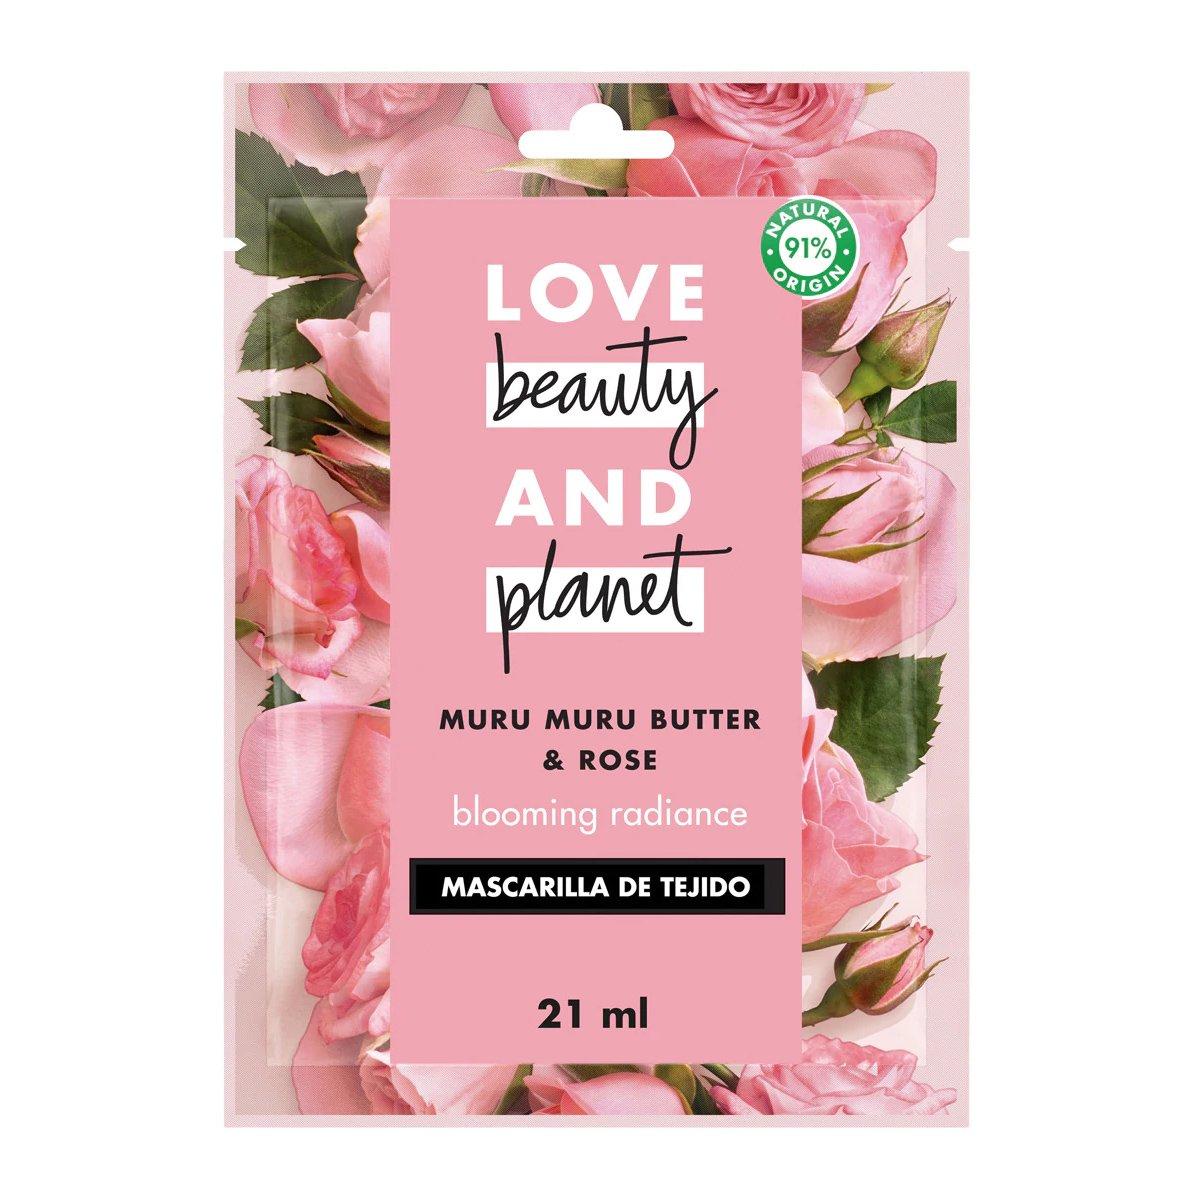 Love Beauty & Planet Muru Muru Butter & Rose Blooming Radiance Sheet Face Mask 1x 21ml